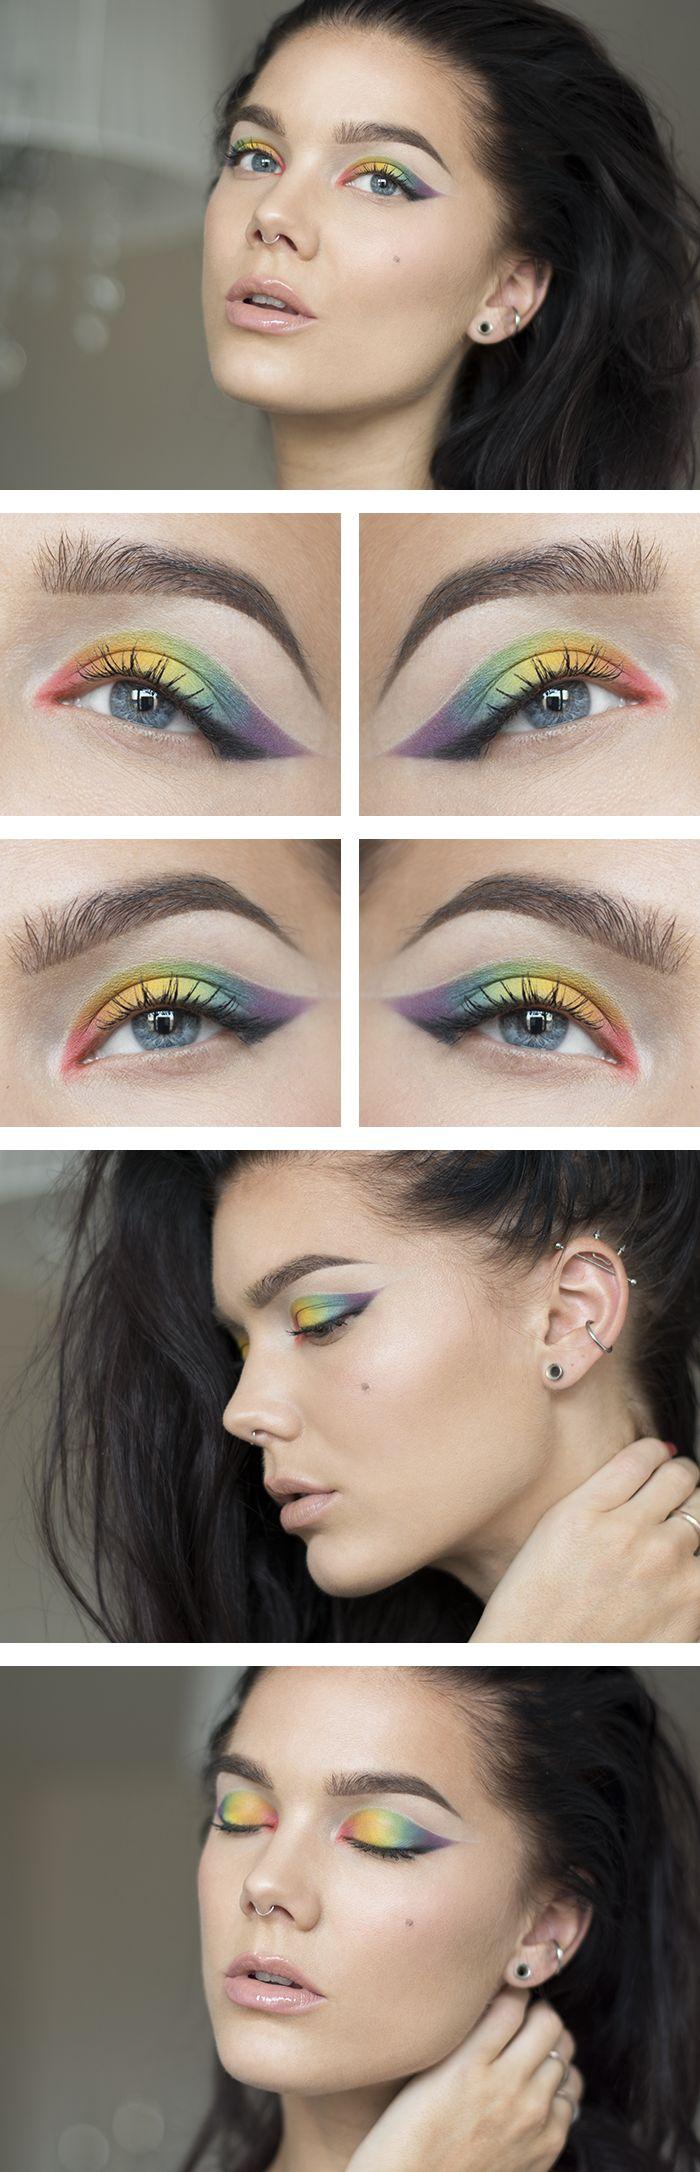 Todays look – Like a rainbow